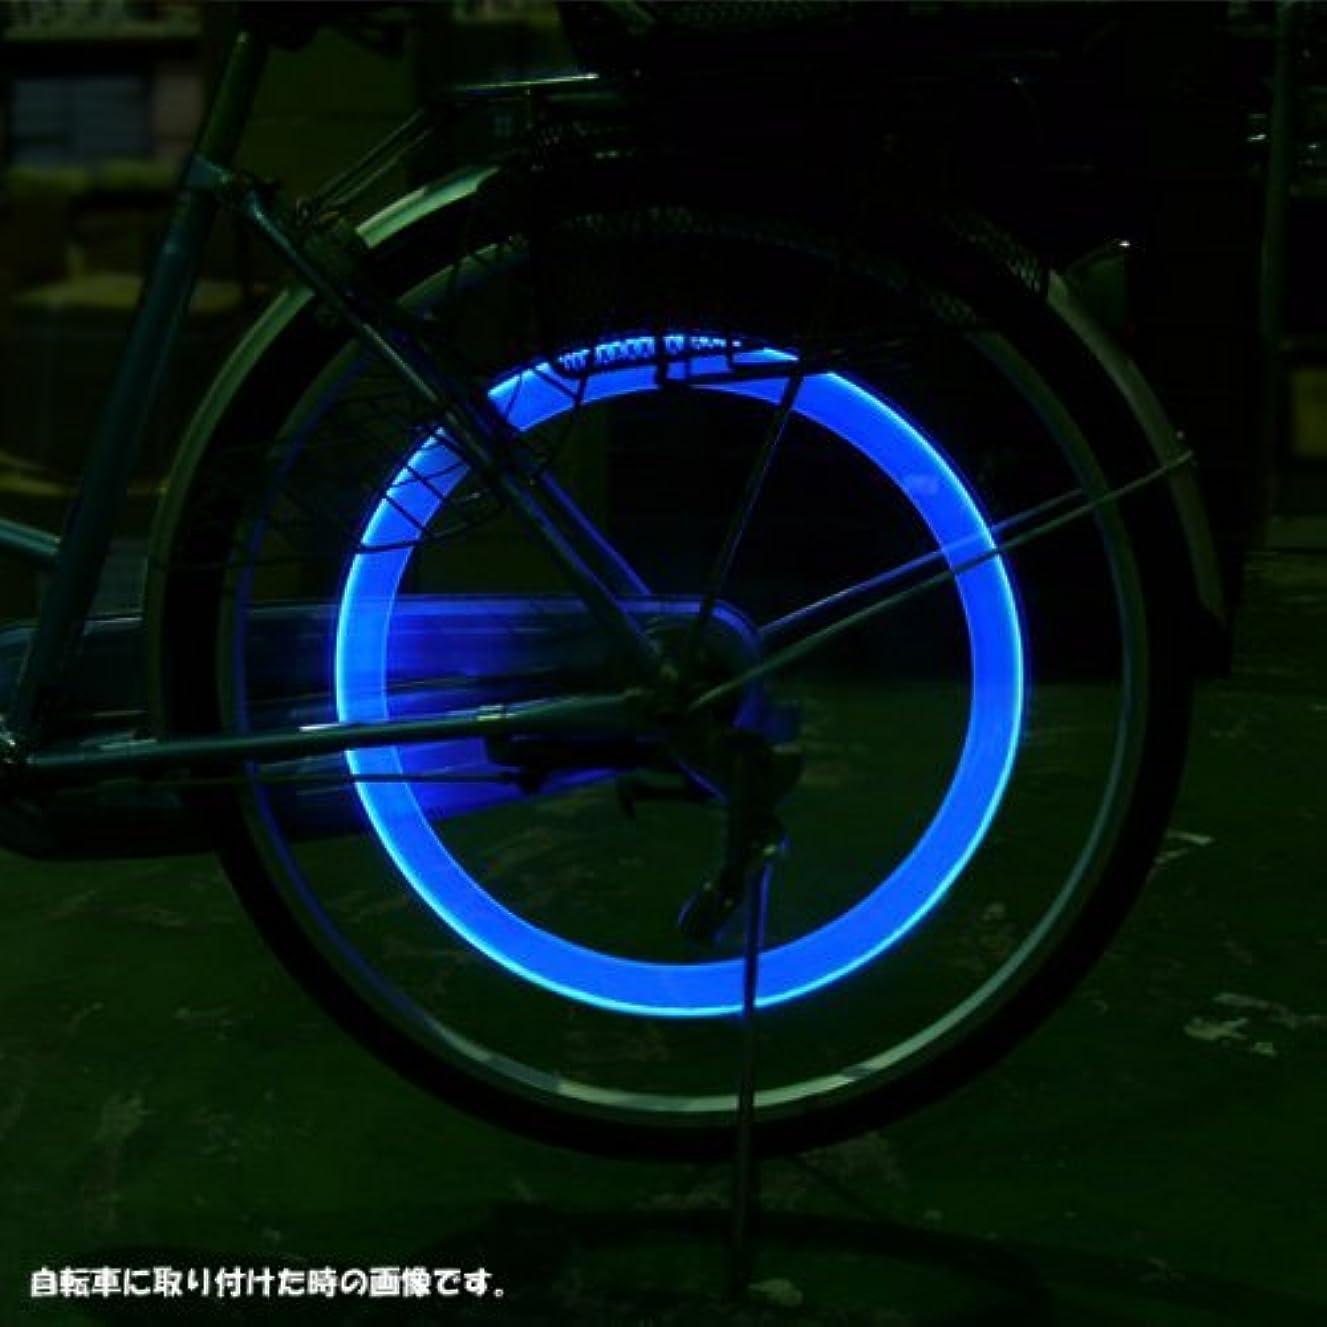 統治するシェア綺麗な自転車 安全 タイヤ ライト 青色 2個1組